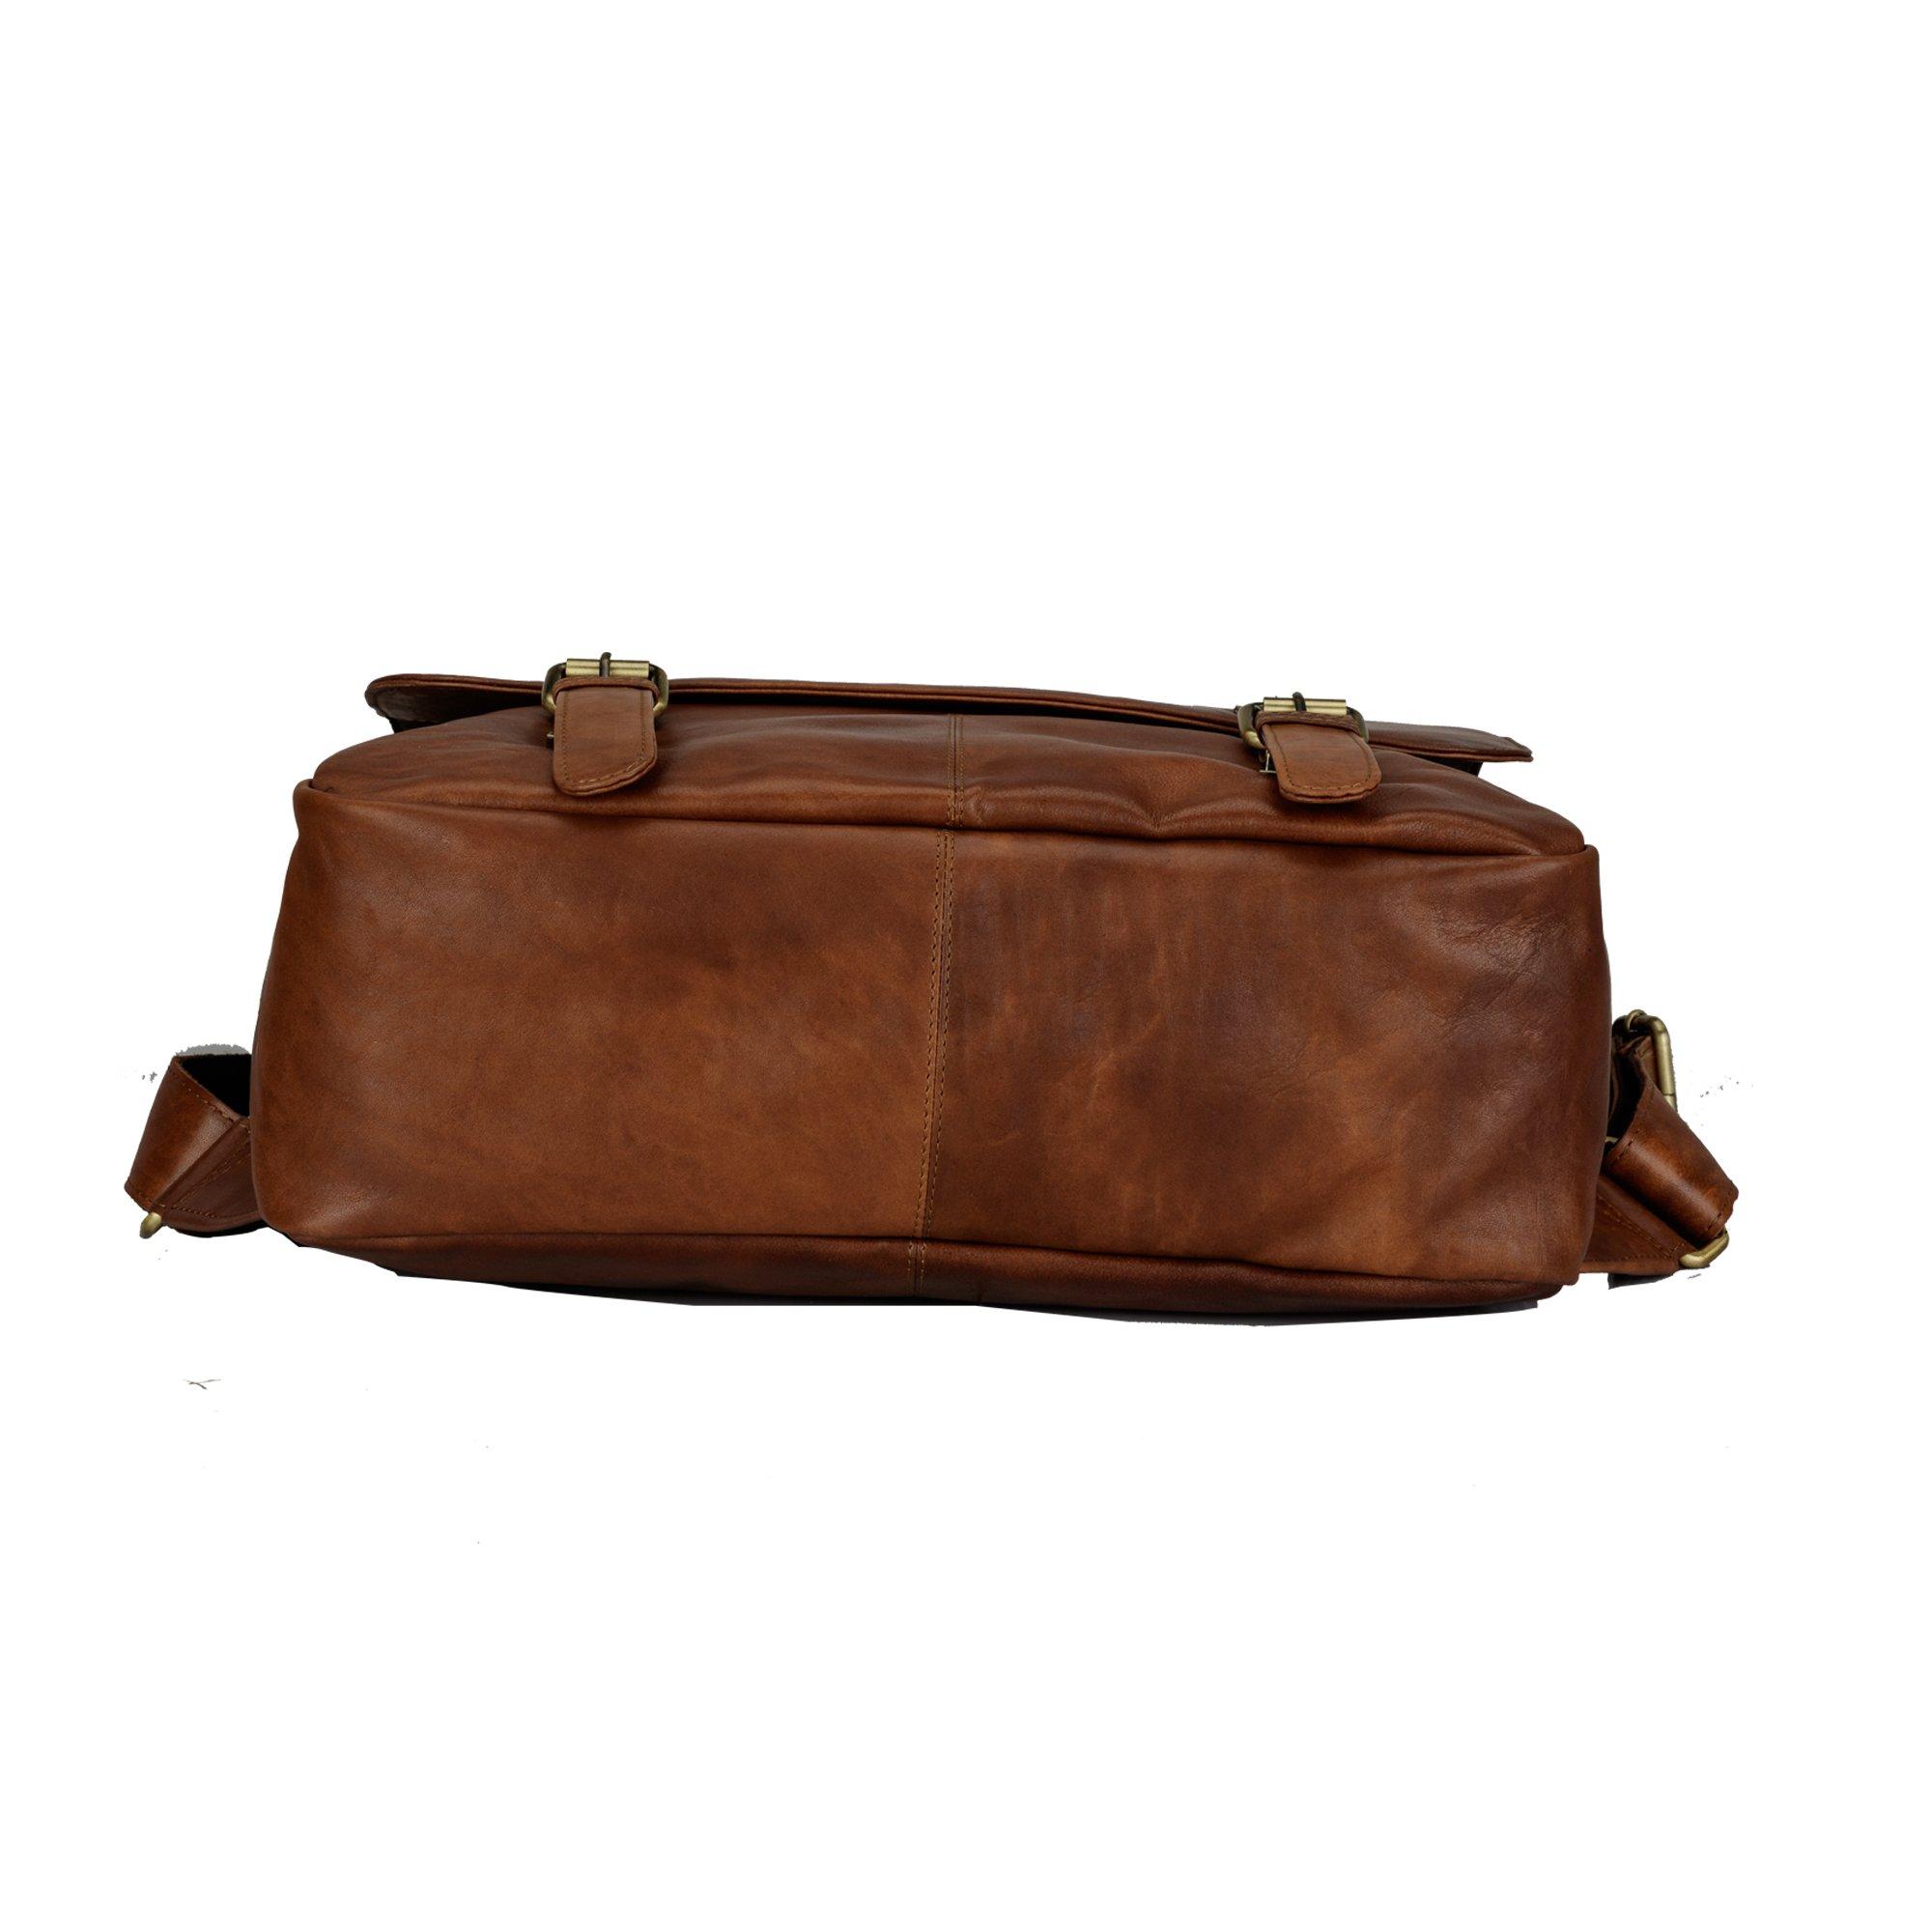 Finelaer Vintage Brown Laptop Backpack Daypack Rucksack Travel Hiking Bag Men Women by FINELAER (Image #5)